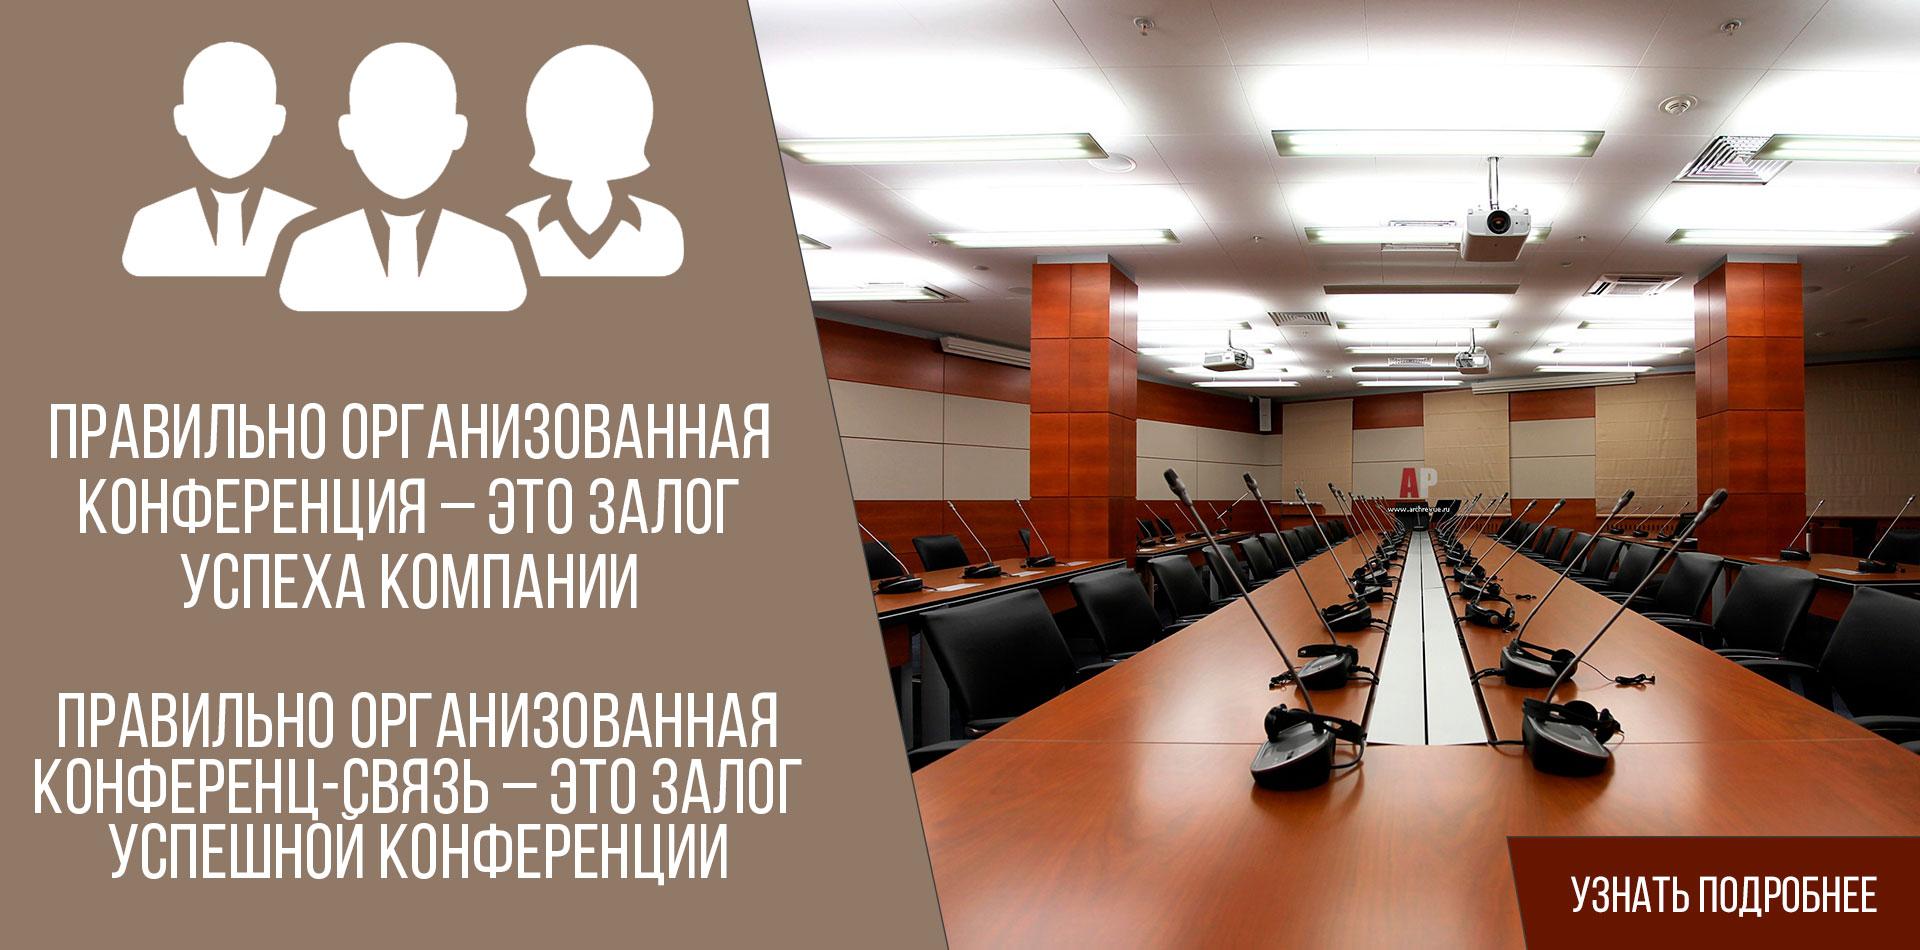 КОНФЕРЕНЦ СВЯЗЬ В АСТАНЕ!